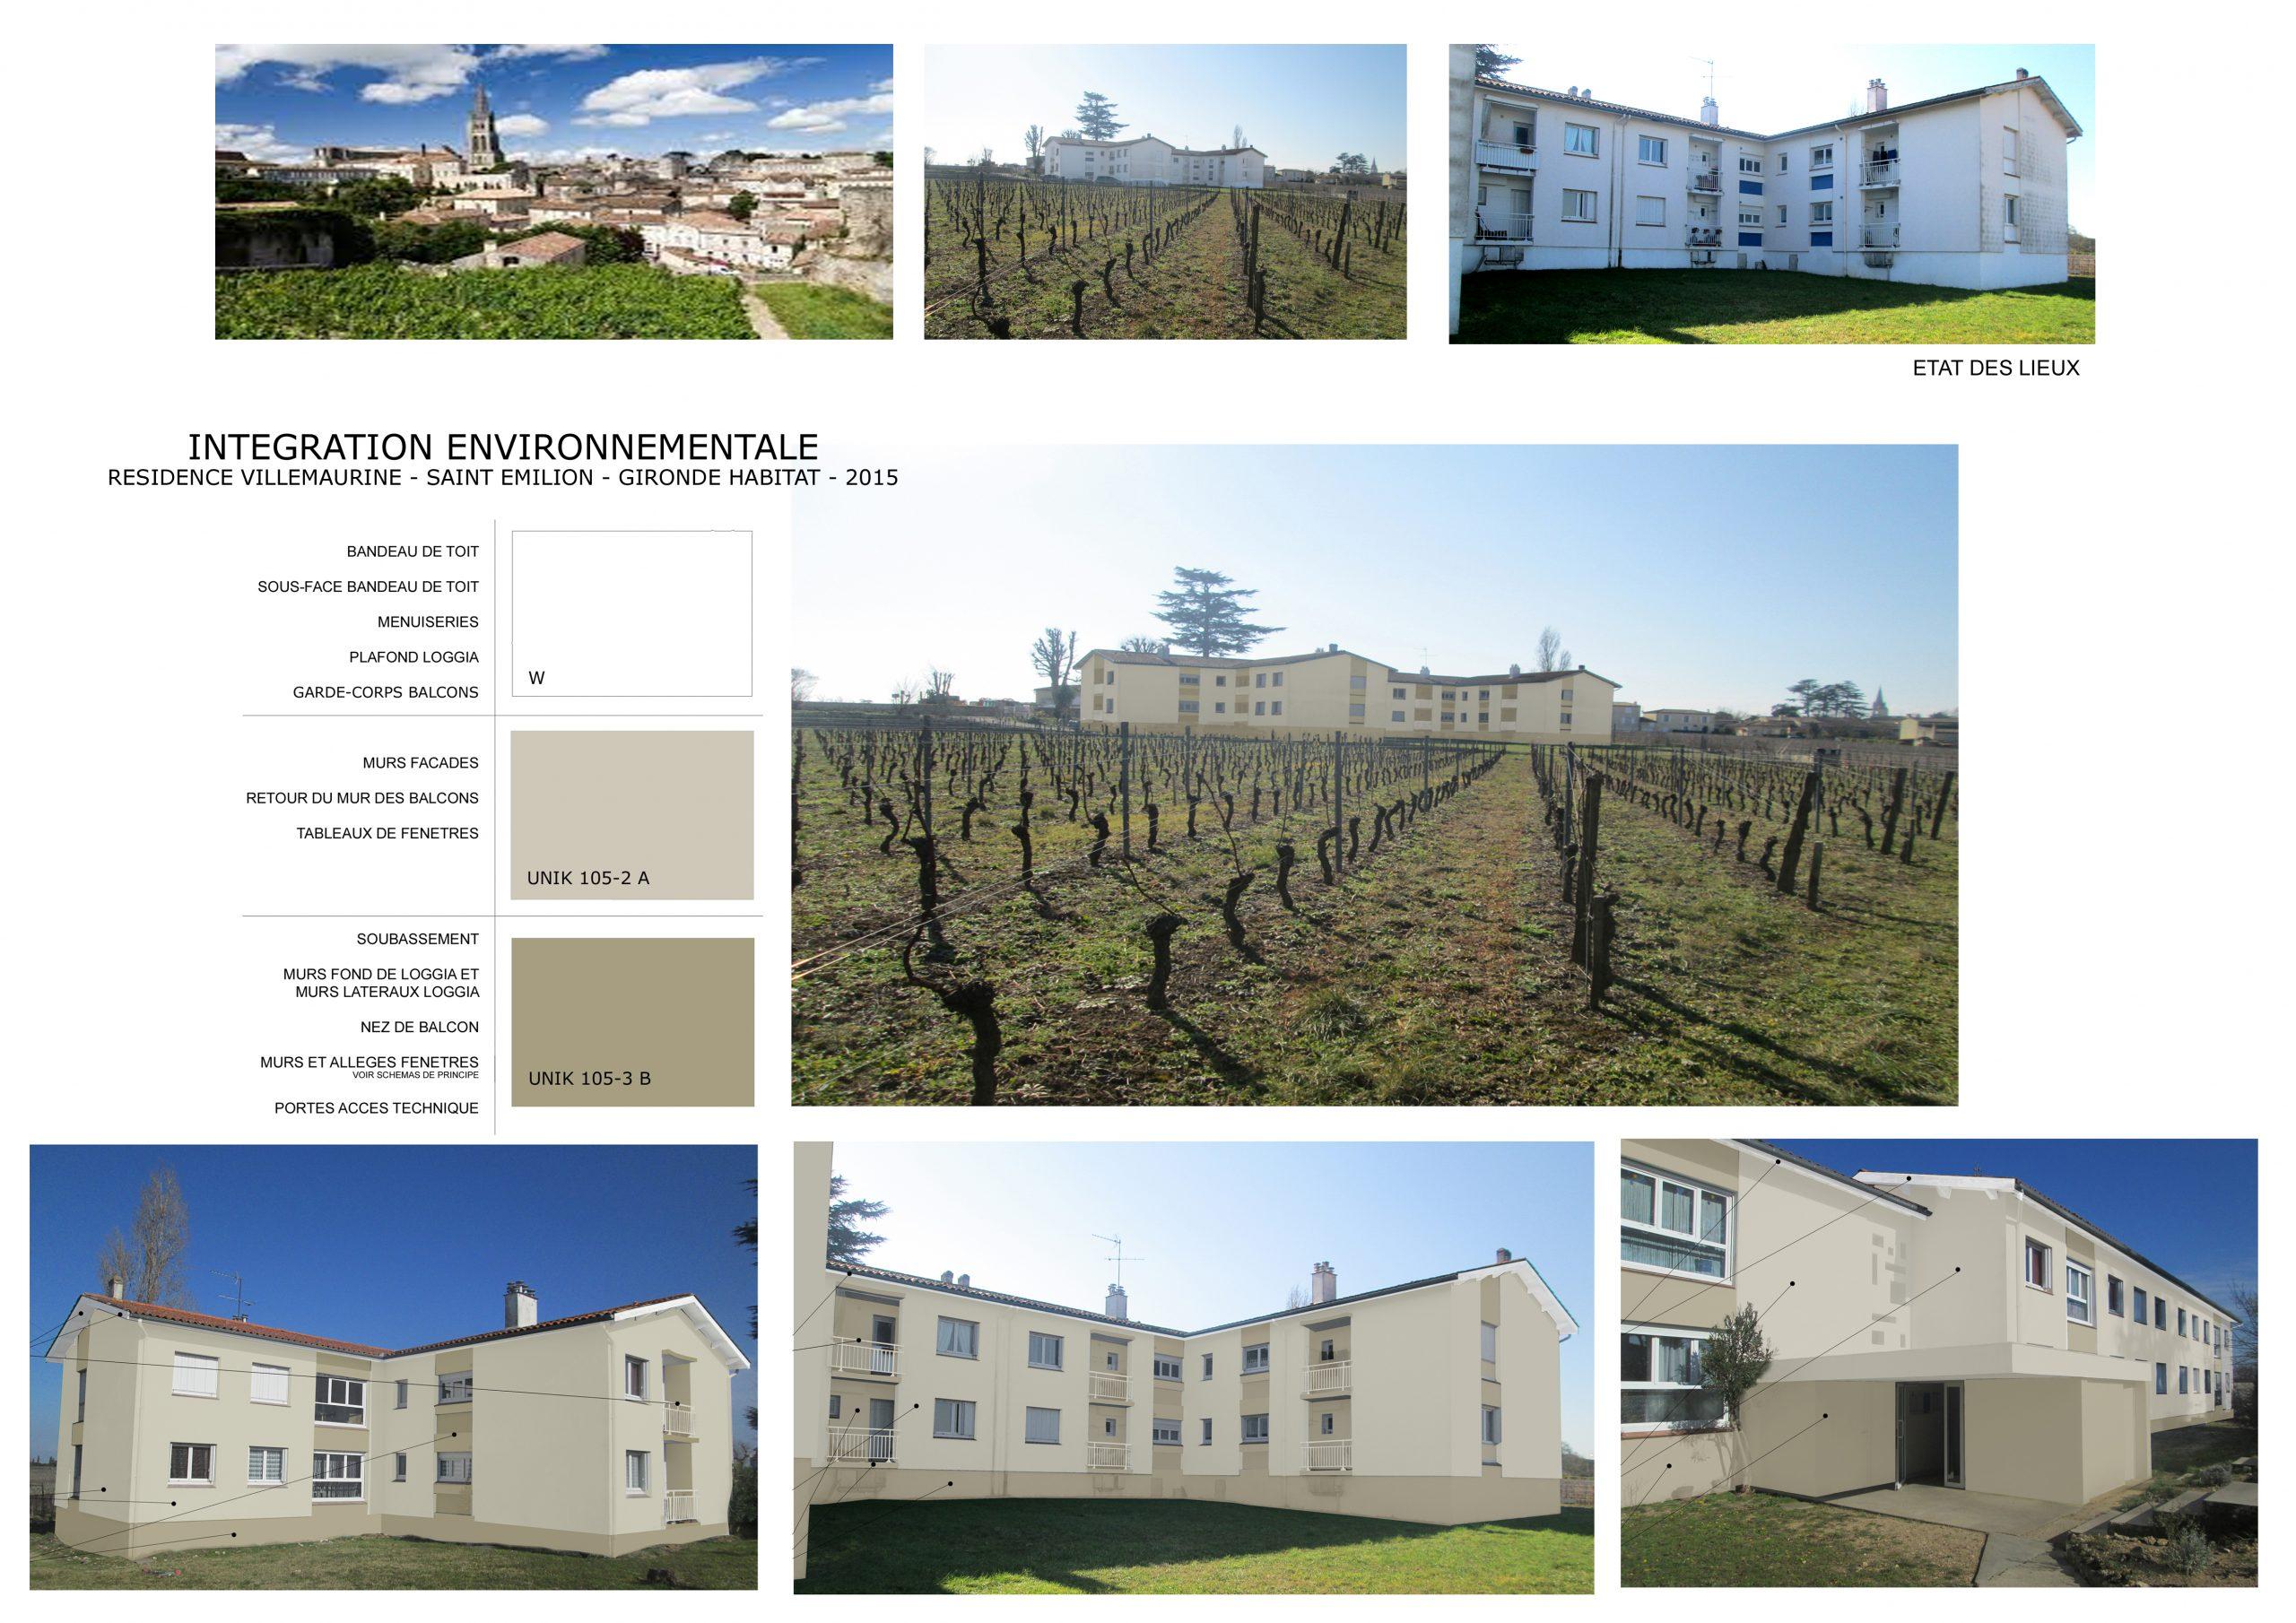 Paysagisme-Intégration environnementale- Saint Emilion